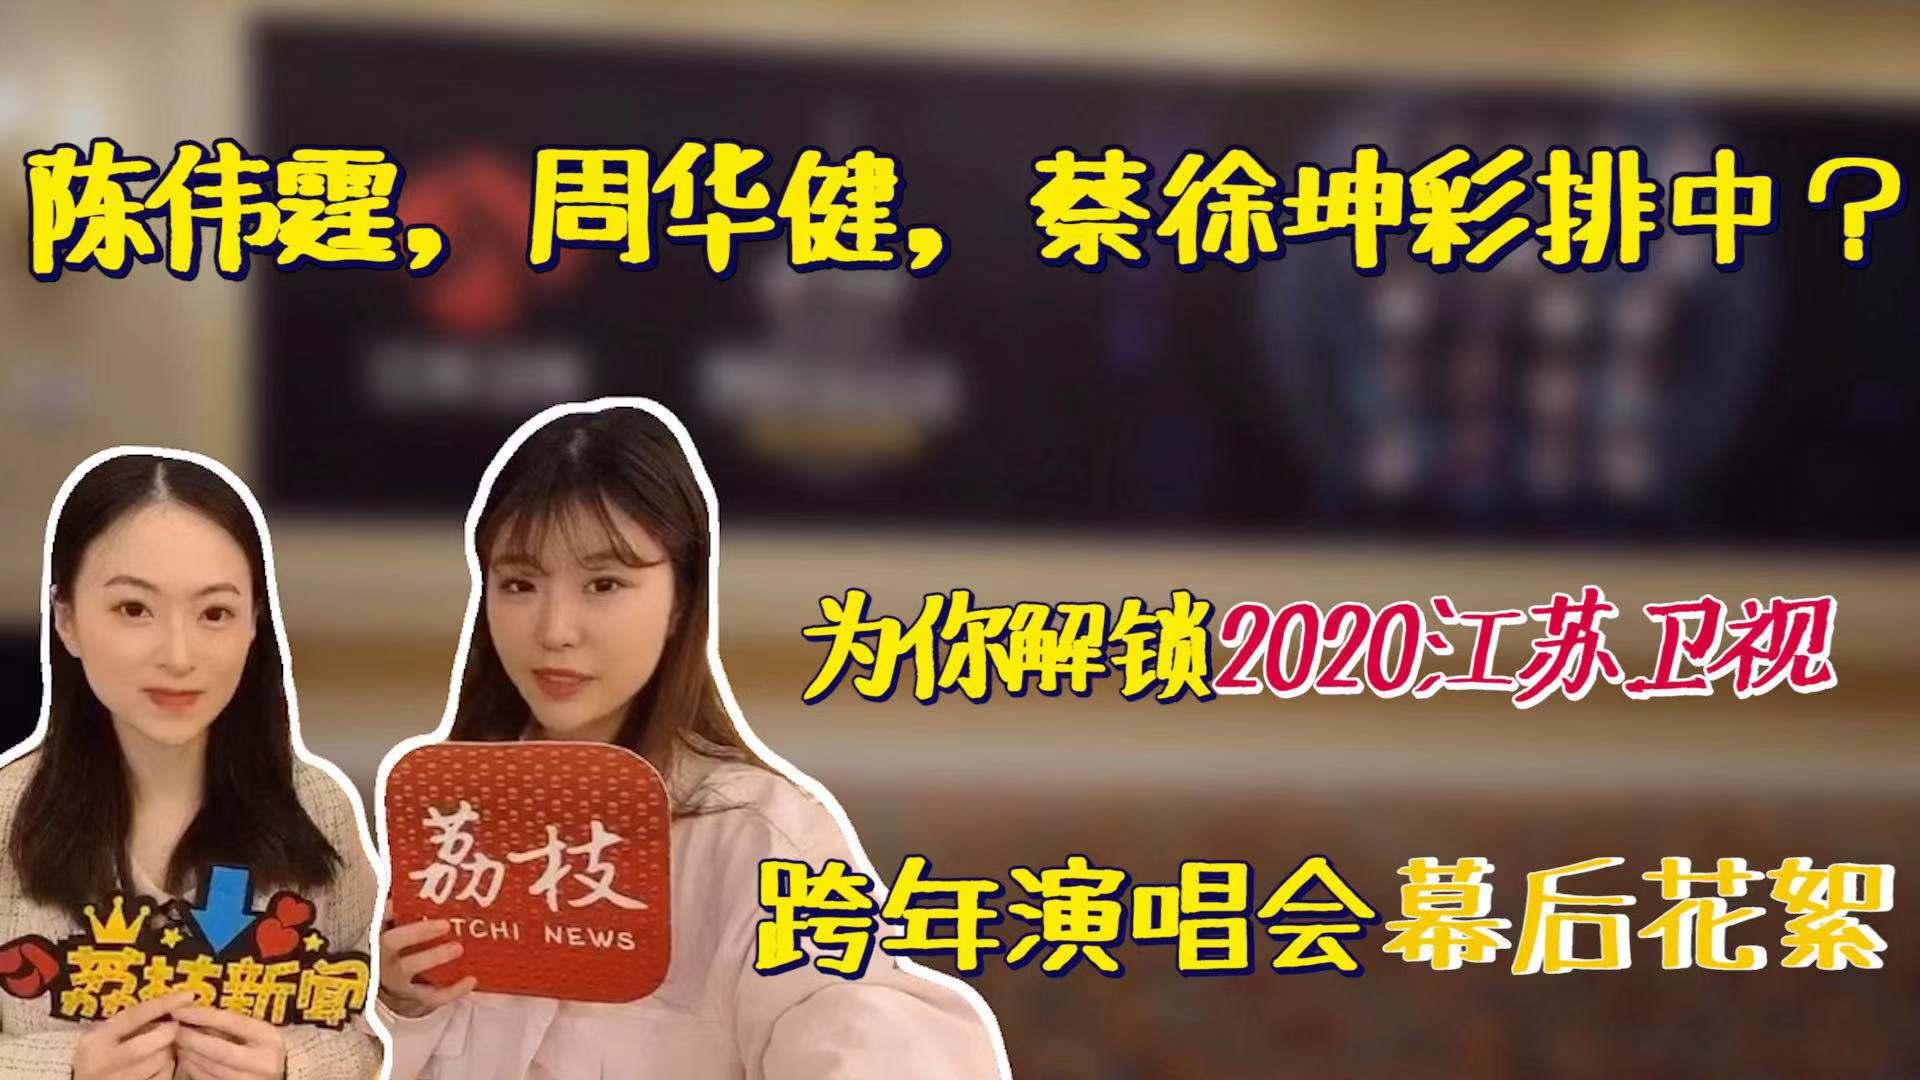 跨年第一彈|蔡徐坤彩排中?江蘇衛視跨年演唱會幕后花絮放送